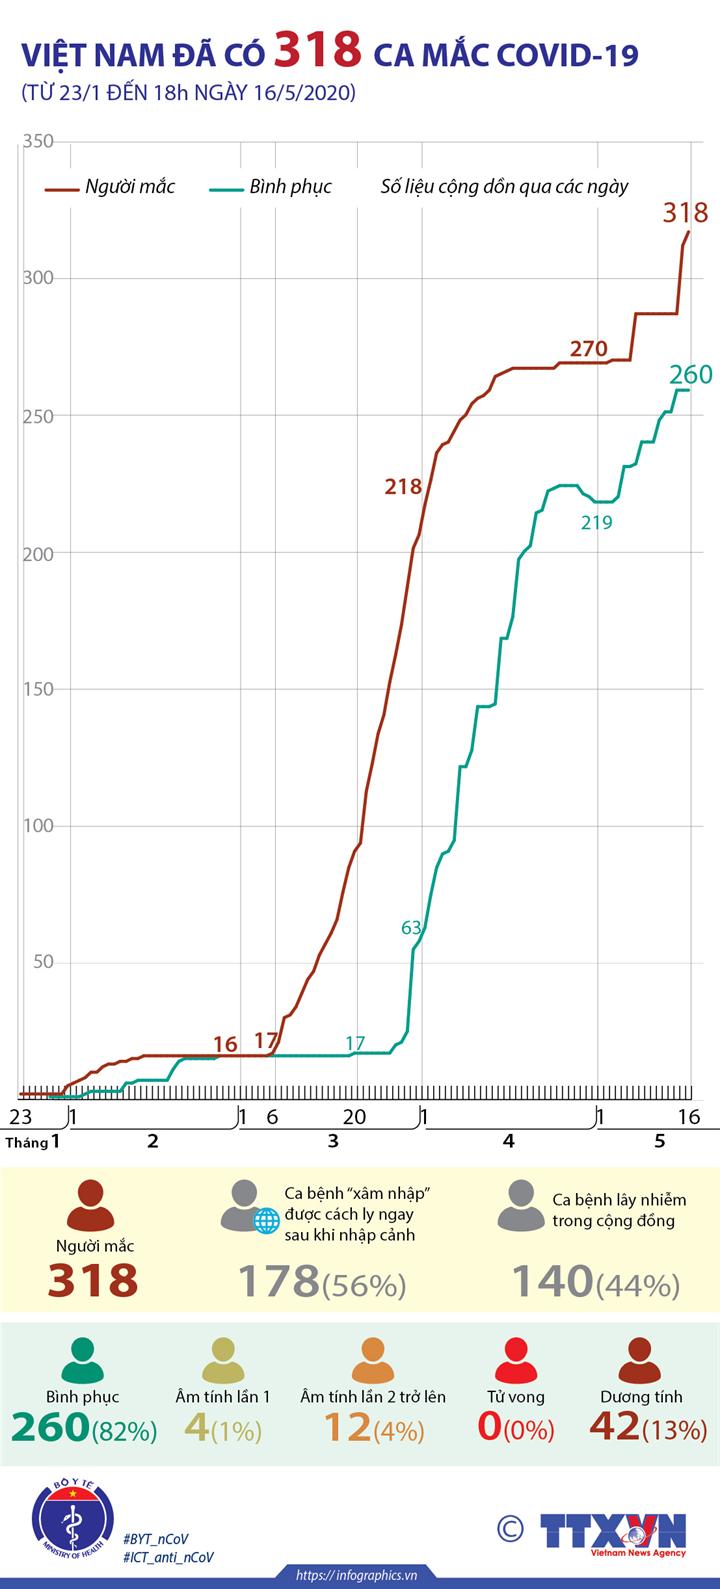 Việt Nam đã có 318 ca mắc COVID-19 (từ 23/1 đến 18h ngày 16/5/2020)